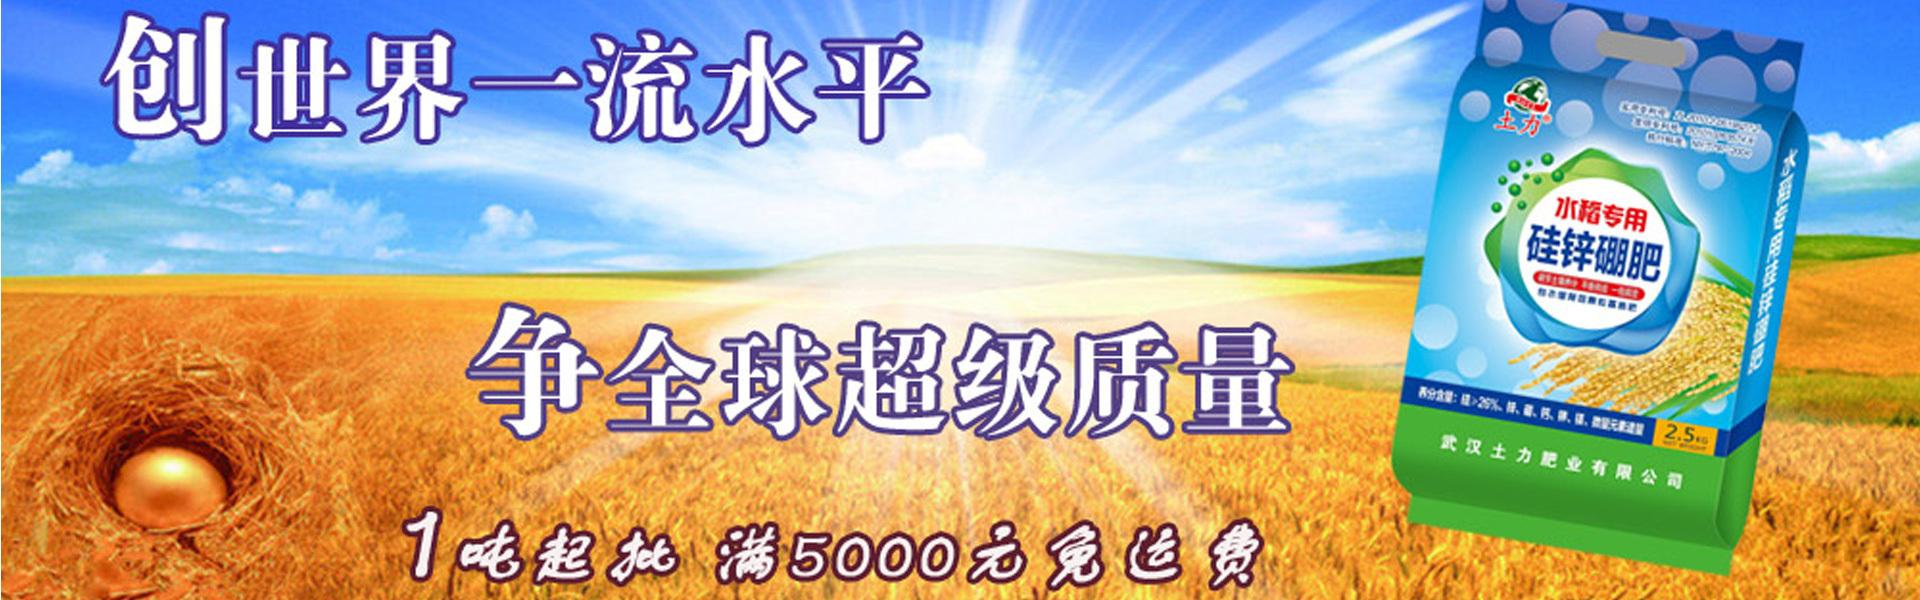 武汉土力肥业有限公司网站首页形象大图